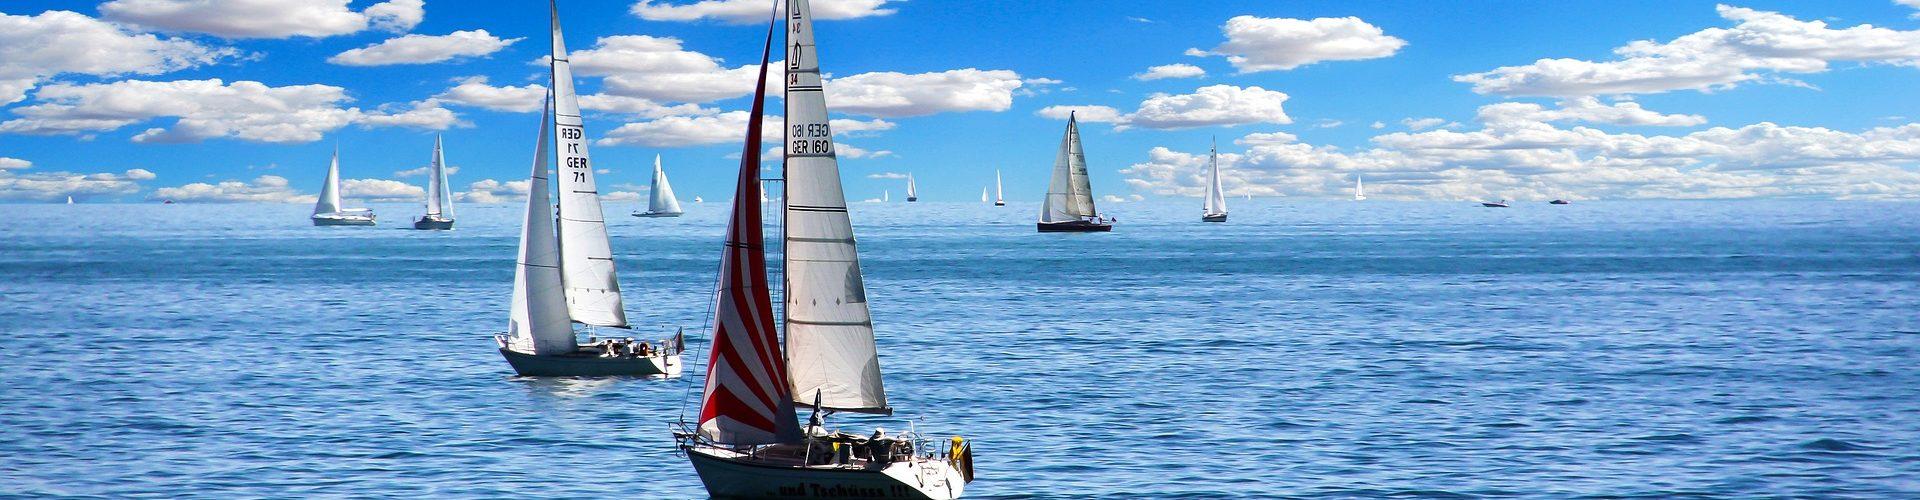 segeln lernen in Kandel segelschein machen in Kandel 1920x500 - Segeln lernen in Kandel